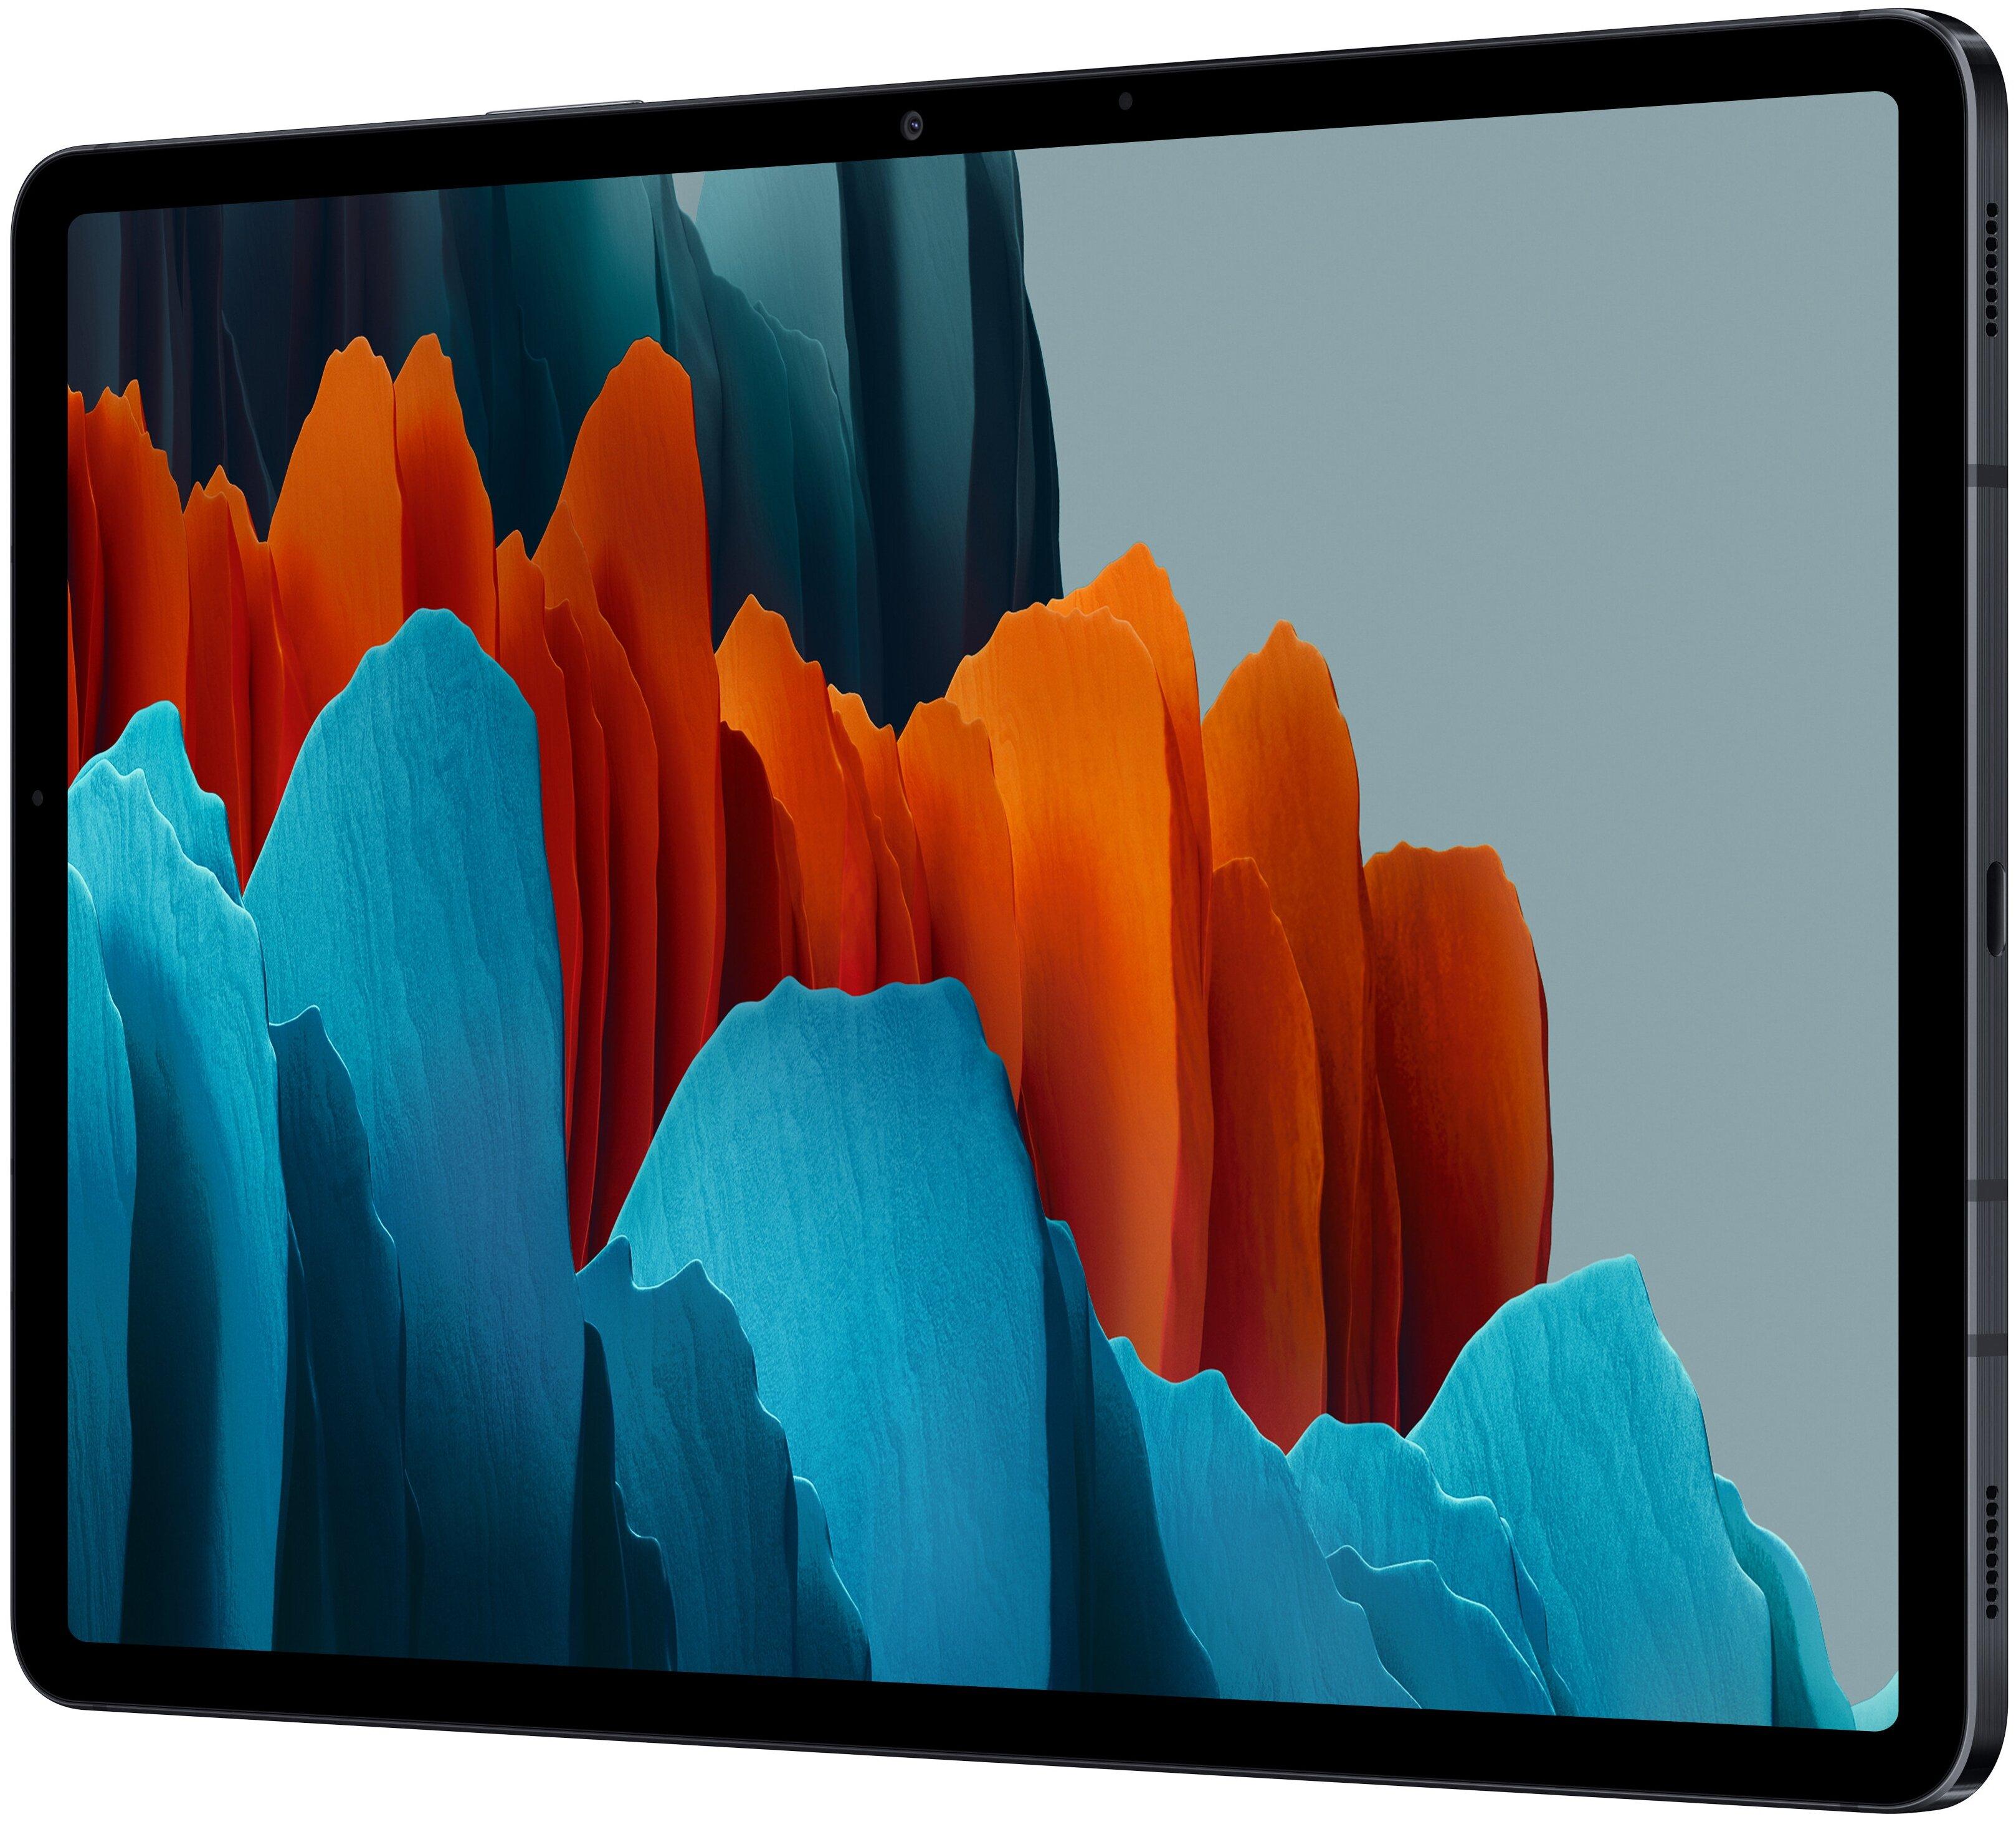 Samsung Galaxy Tab S7 11 SM-T870 128Gb Wi-Fi (2020) - встроенная память: 128ГБ, слот microSDXC